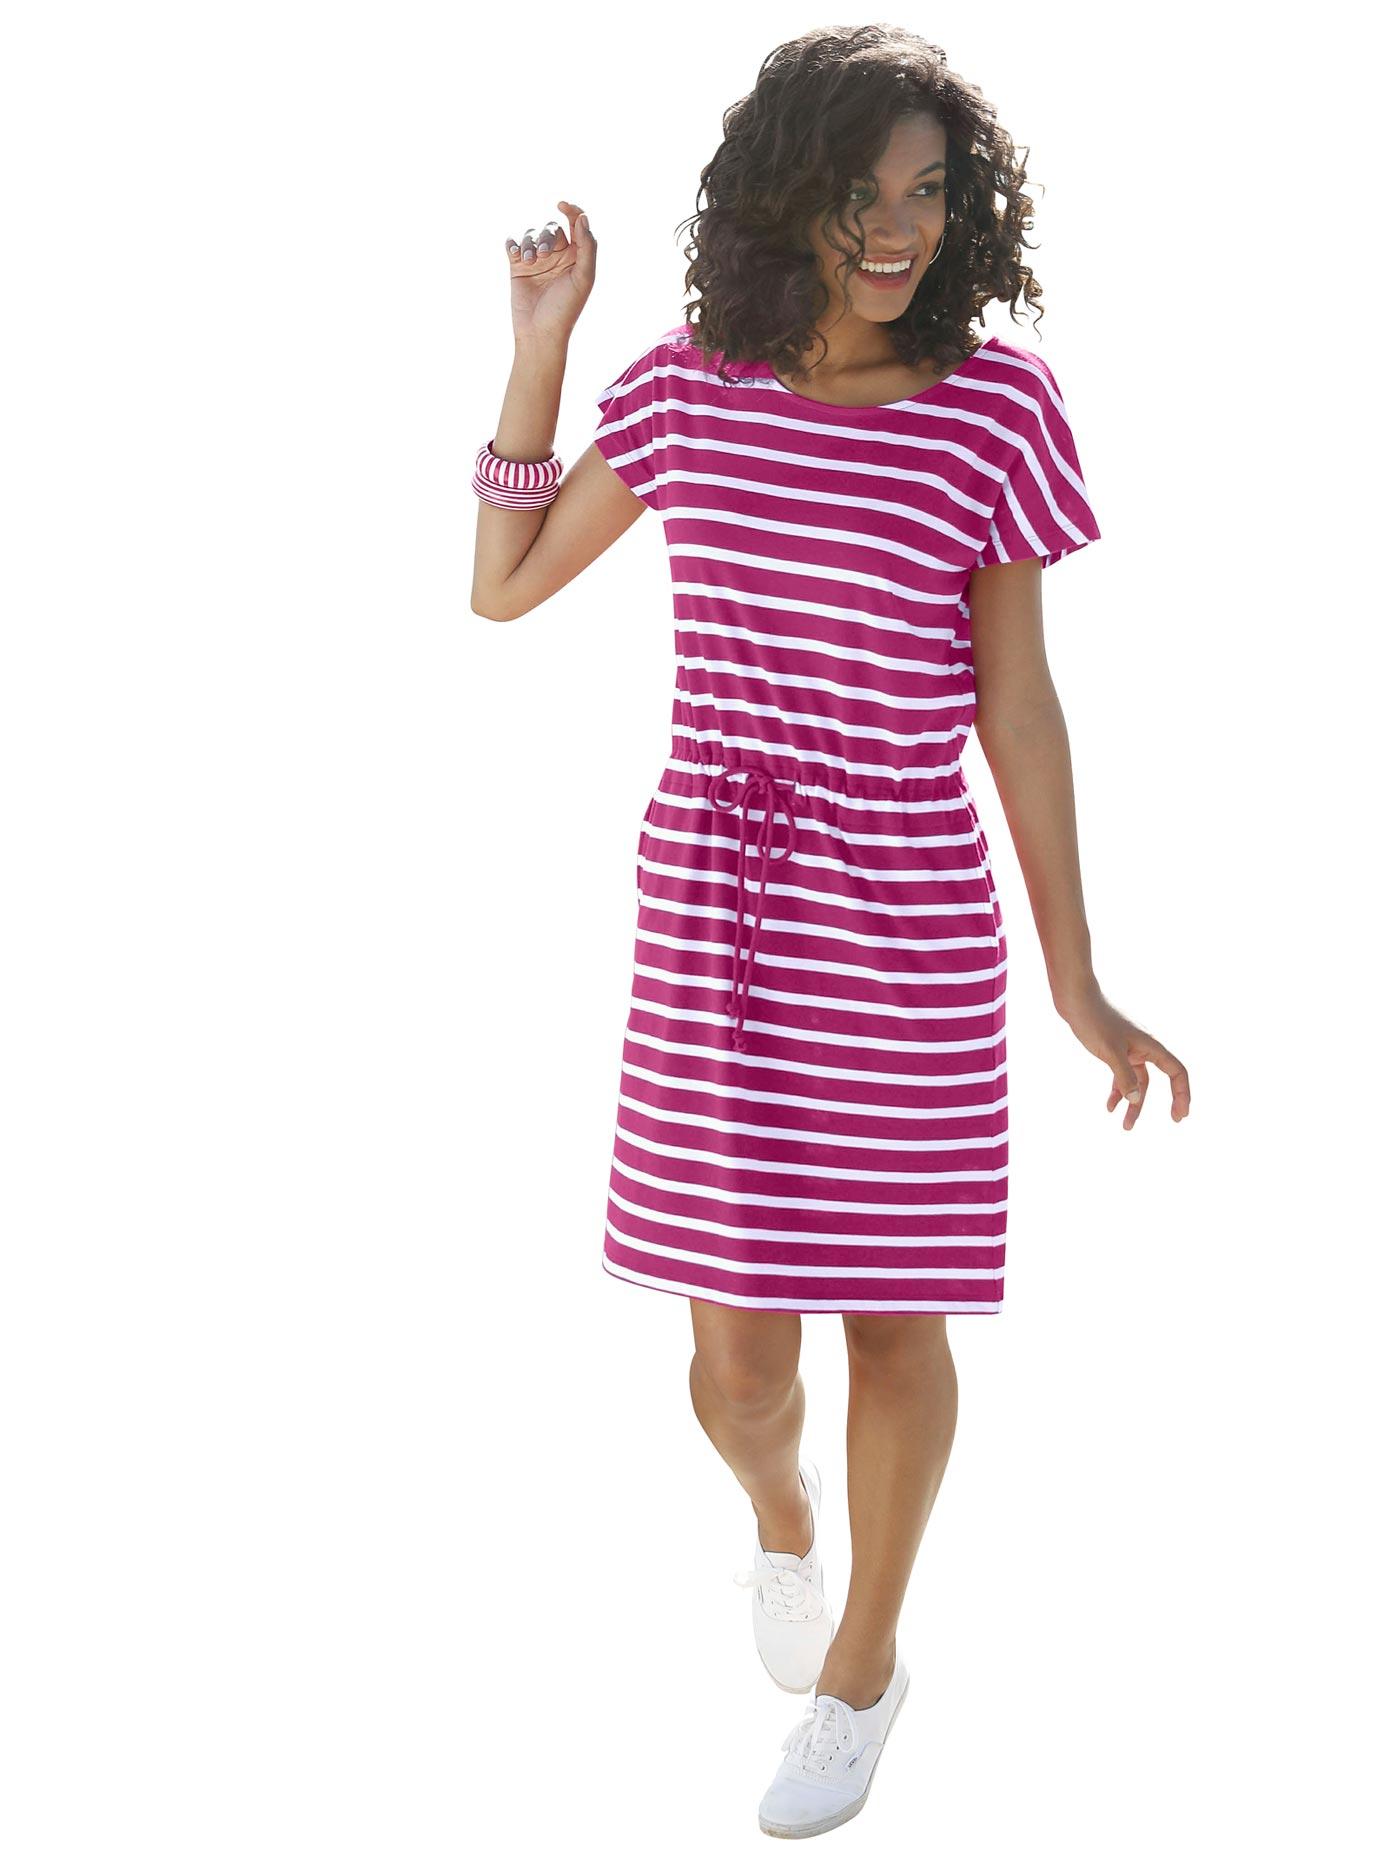 casual looks -  Jersey-Kleid in Streifen-Optik